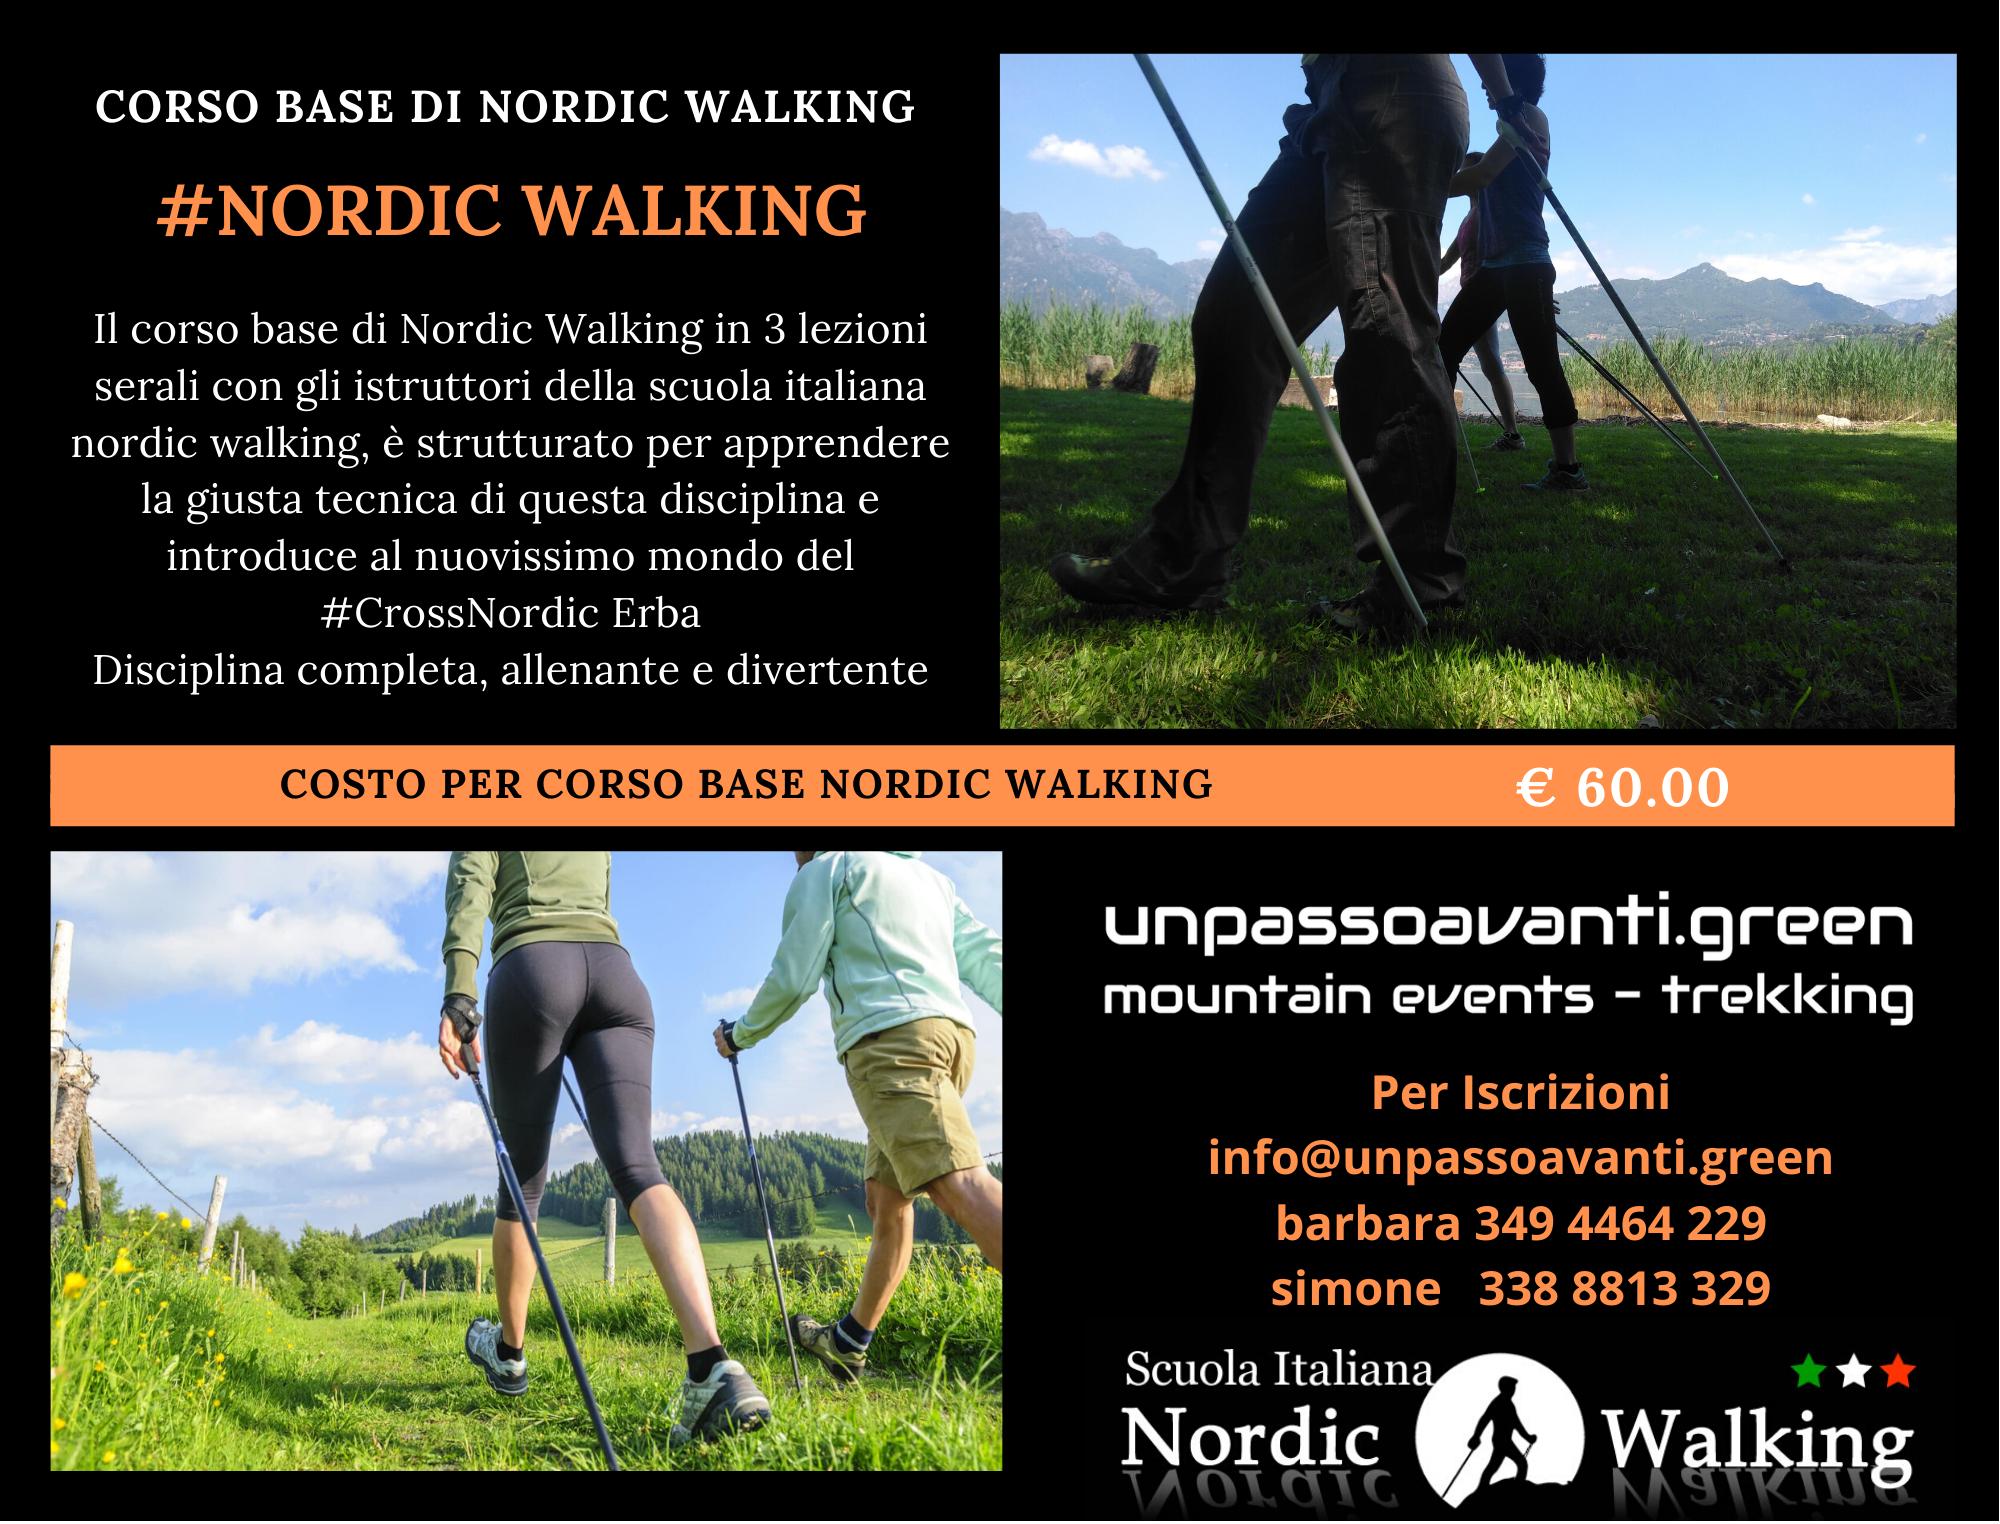 #NordicWalking Corso Base